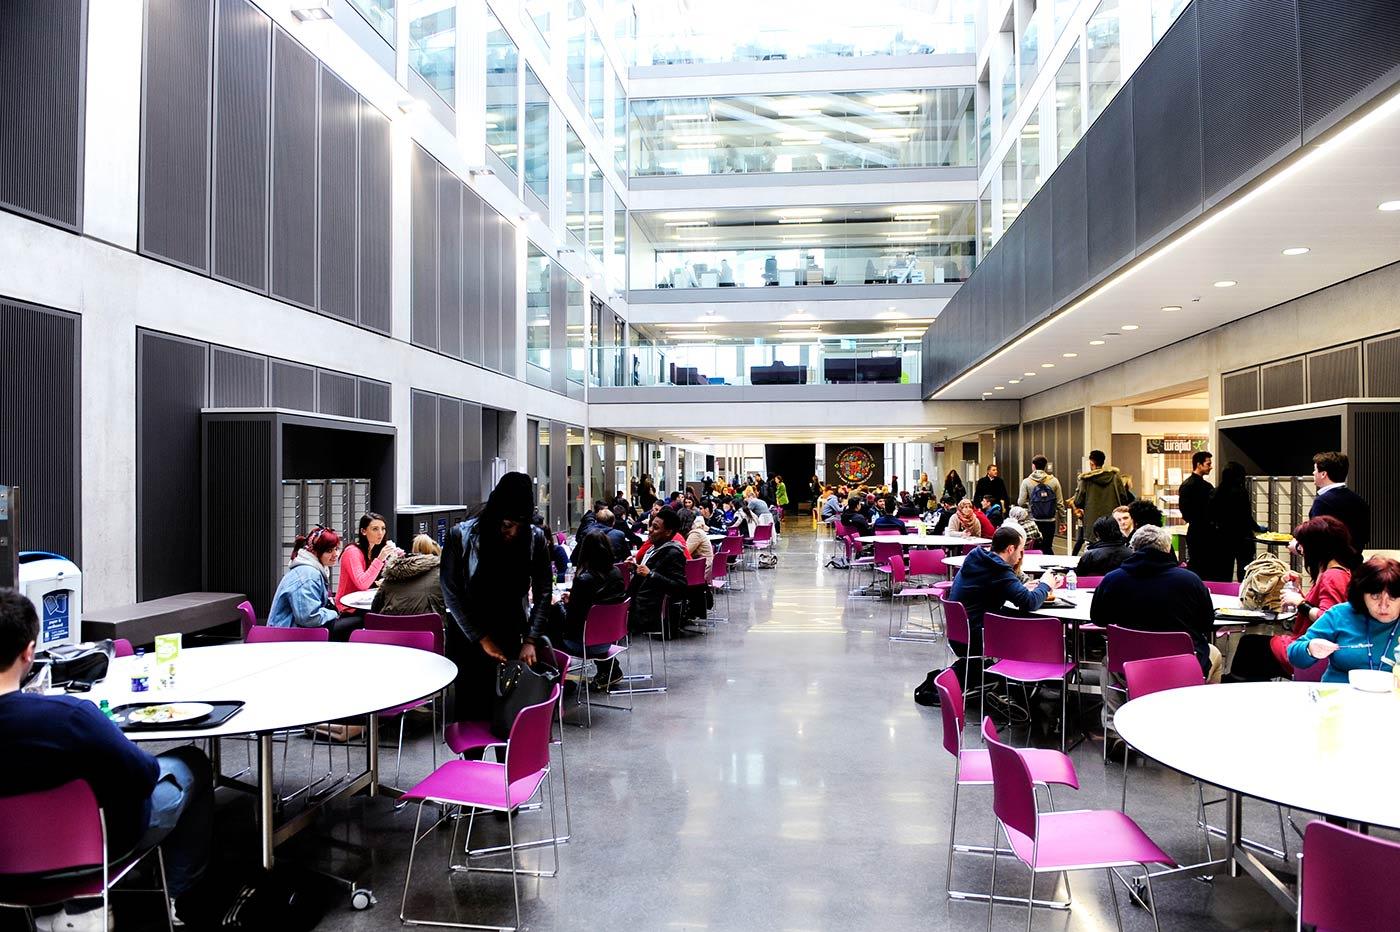 من أفضل 20 جامعة بالمملكة المتحدة في الجودة التعليمية